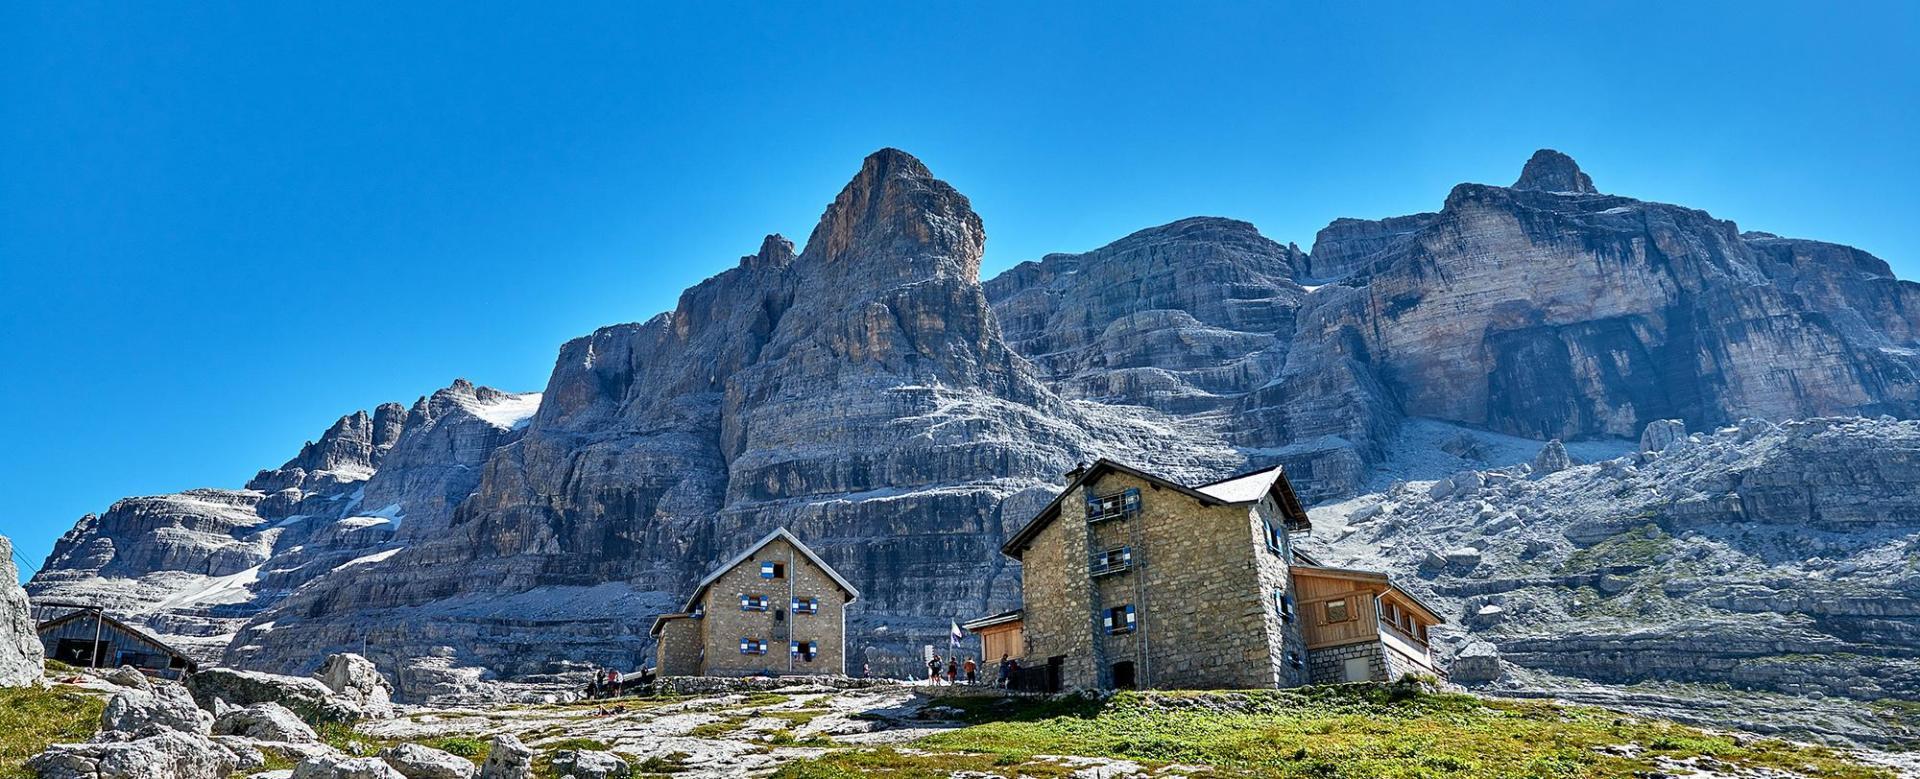 Voyage à pied Italie : Tour des dolomites de brenta